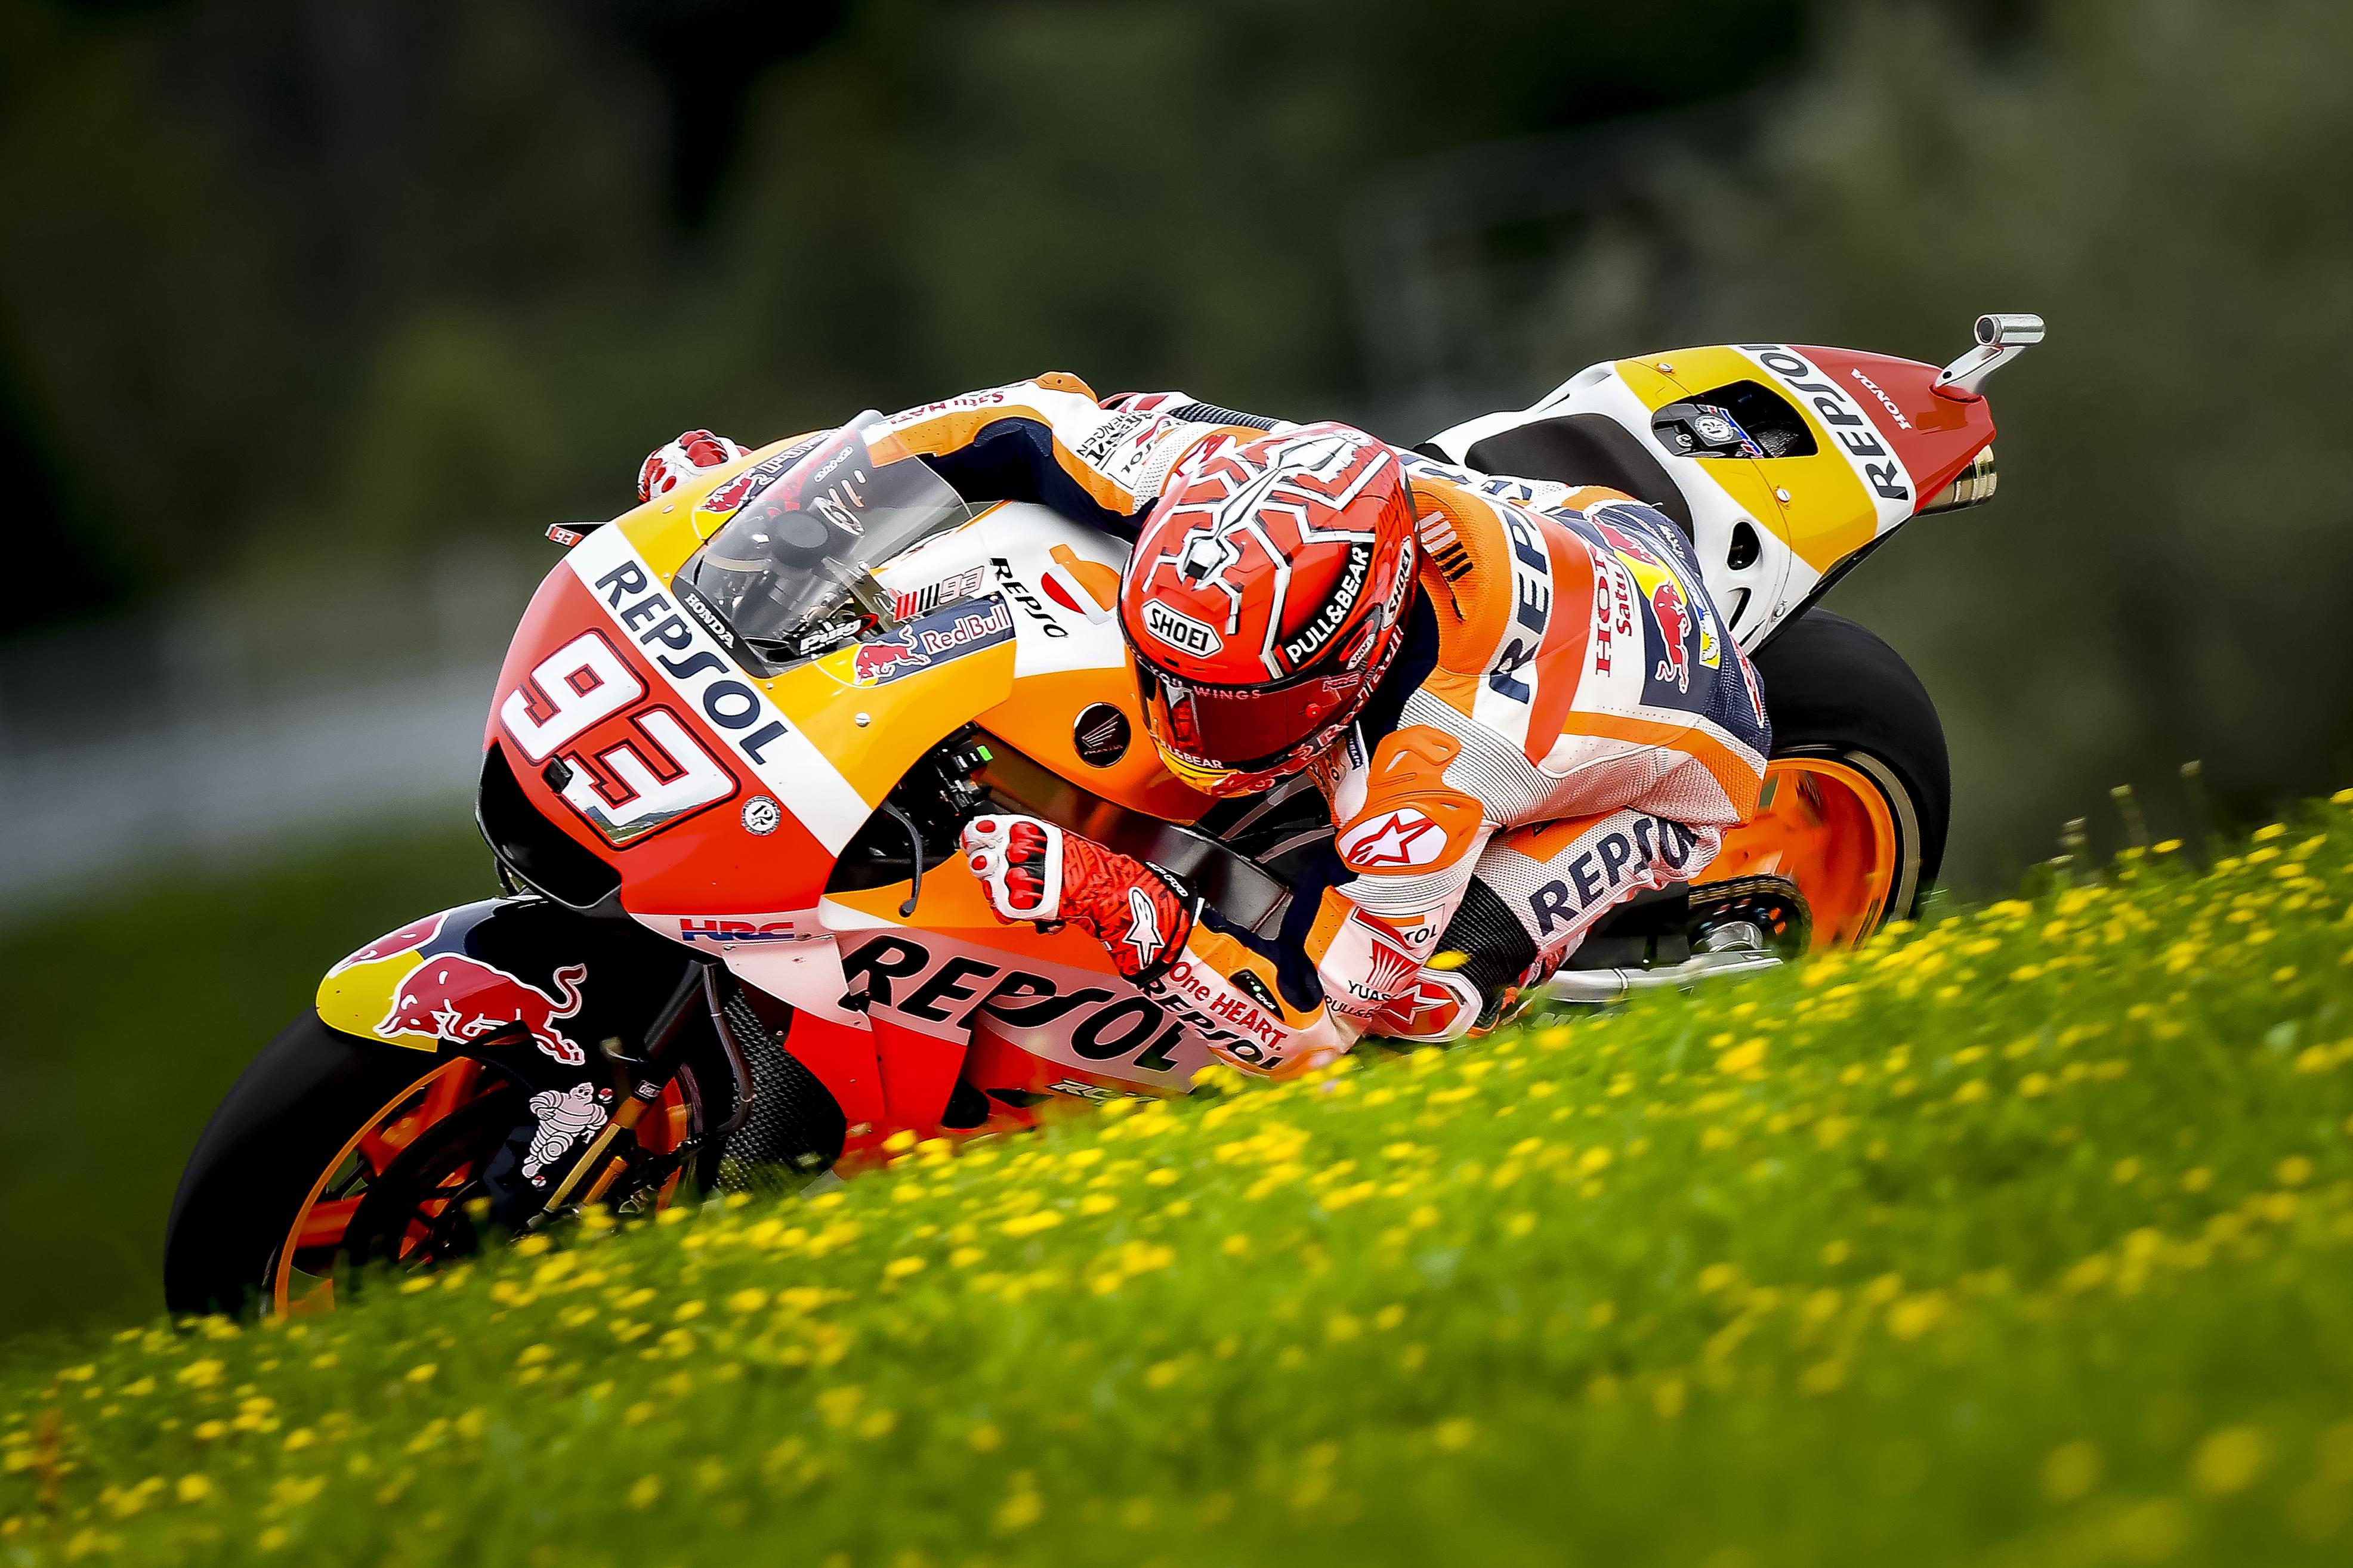 Día de carreras en el Red Bull Ring. Márquez parte desde la pole position